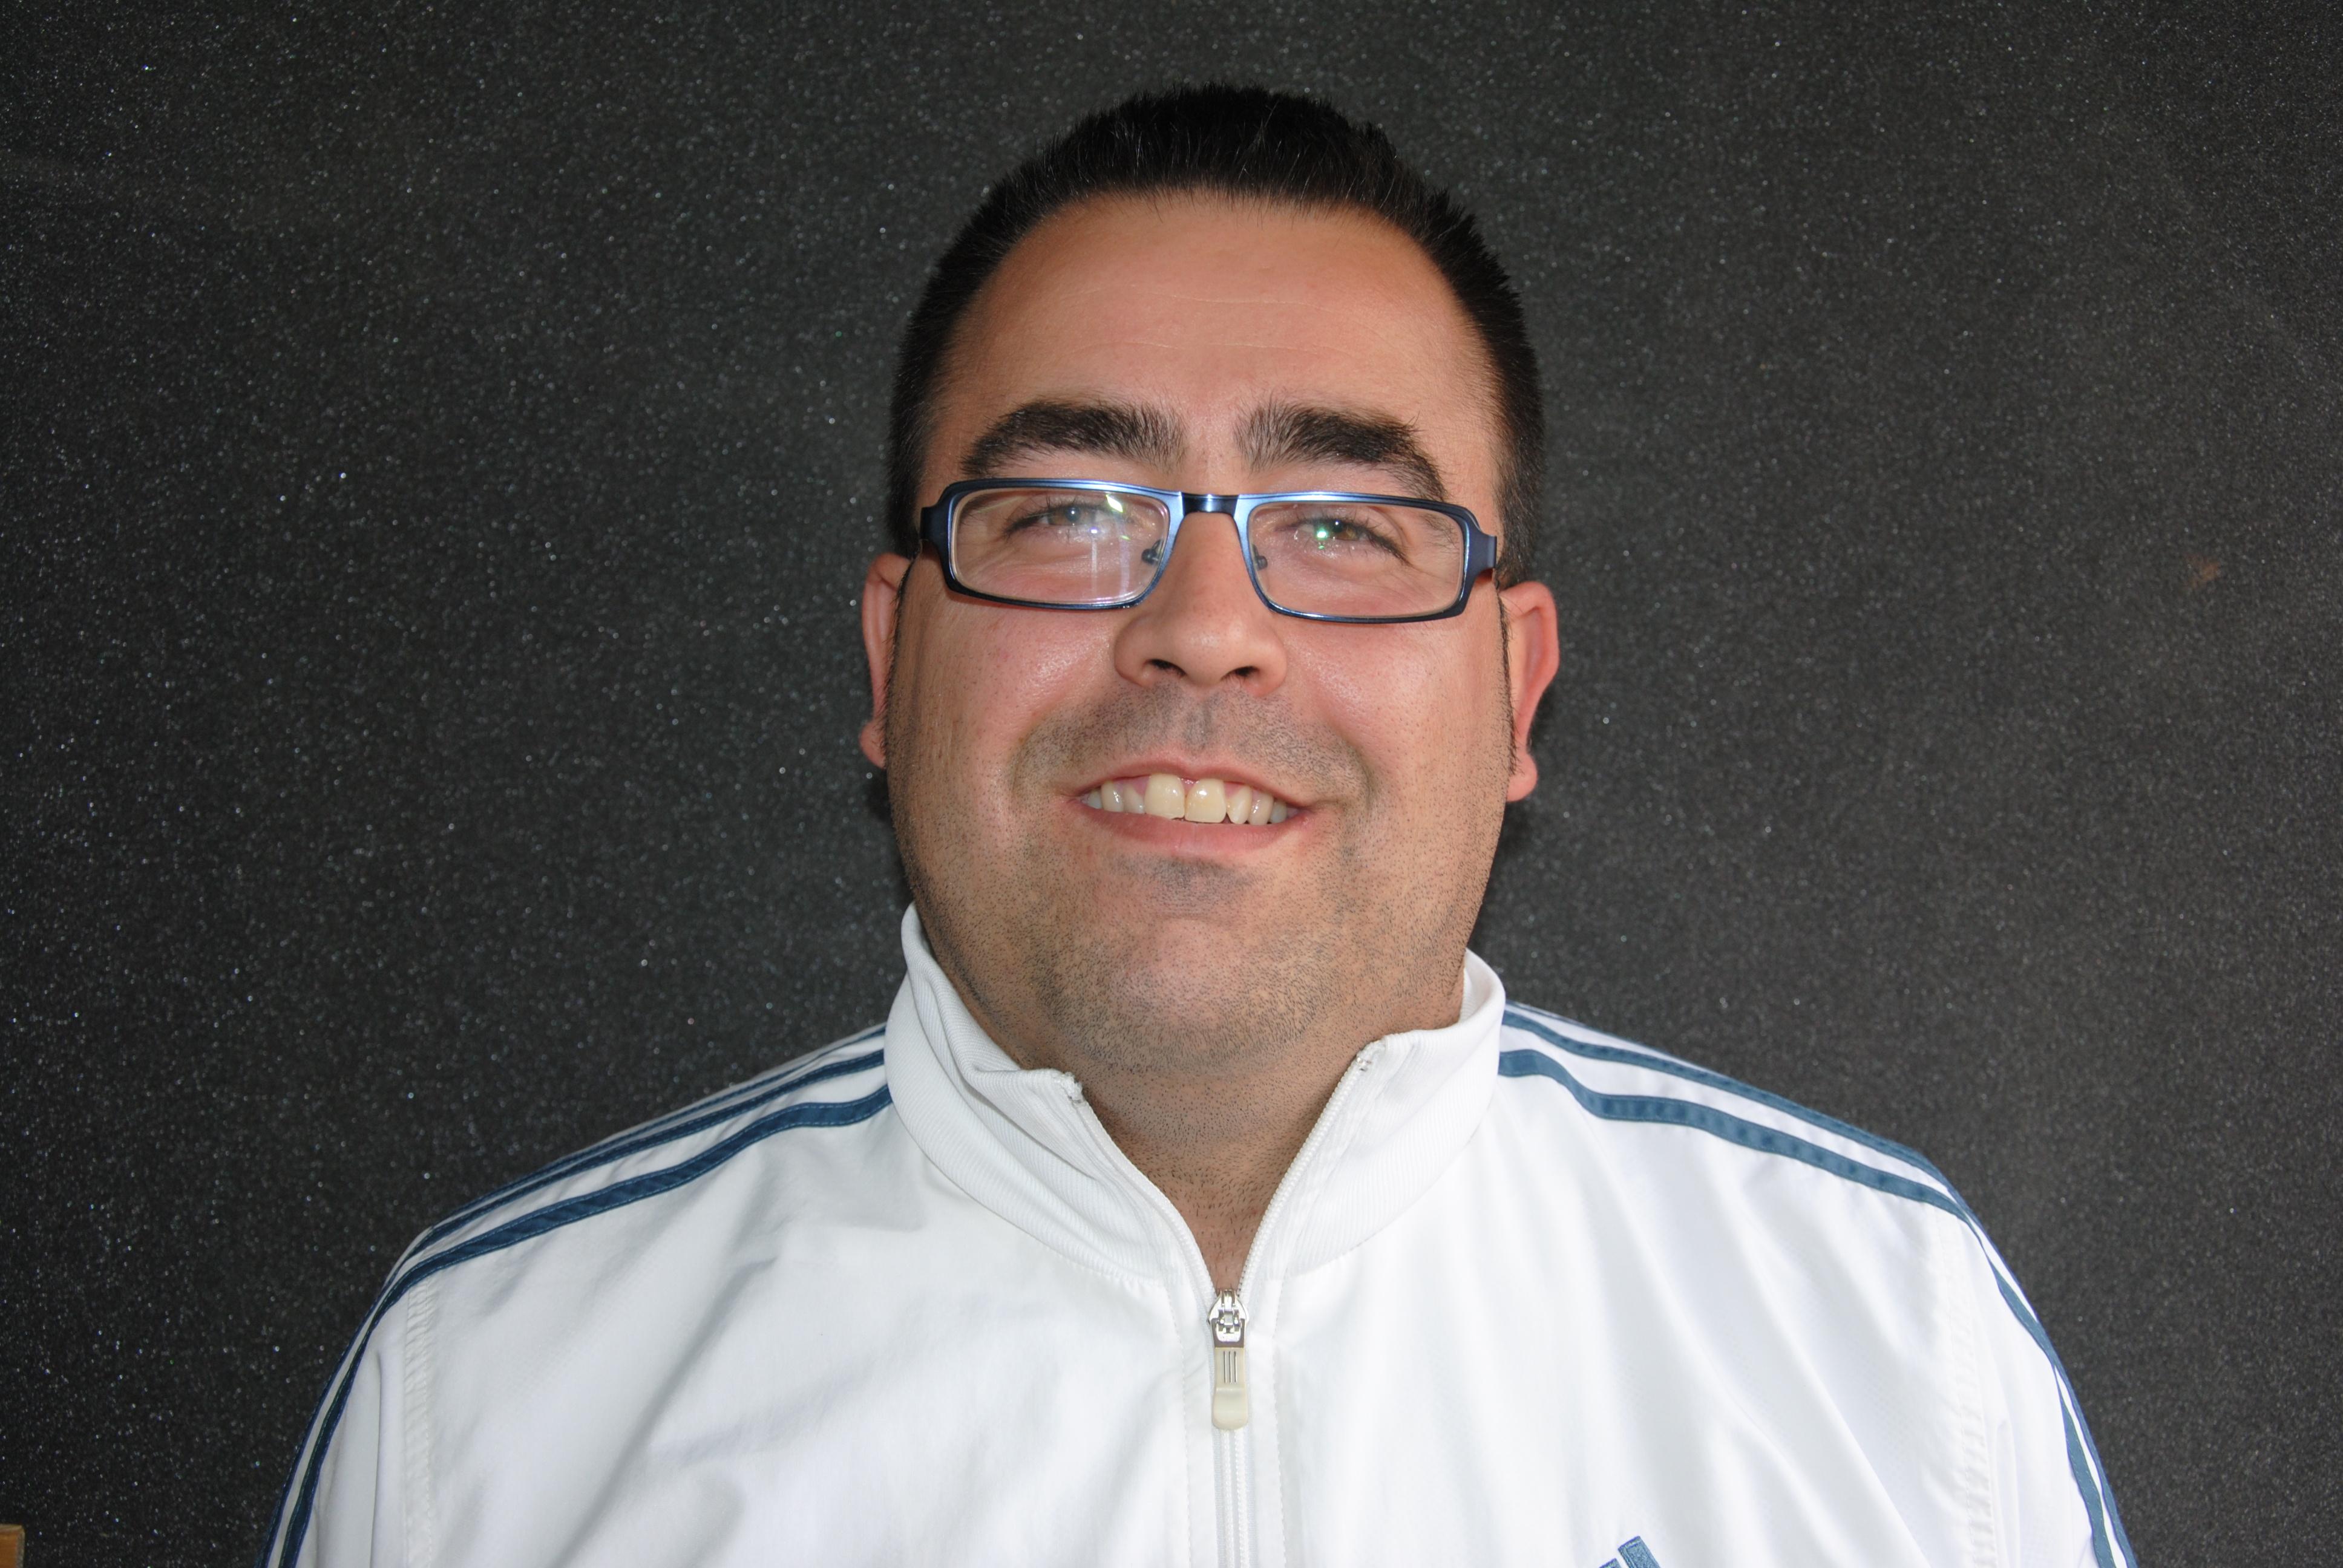 Carlos Molina-Prados García-Valdivieso